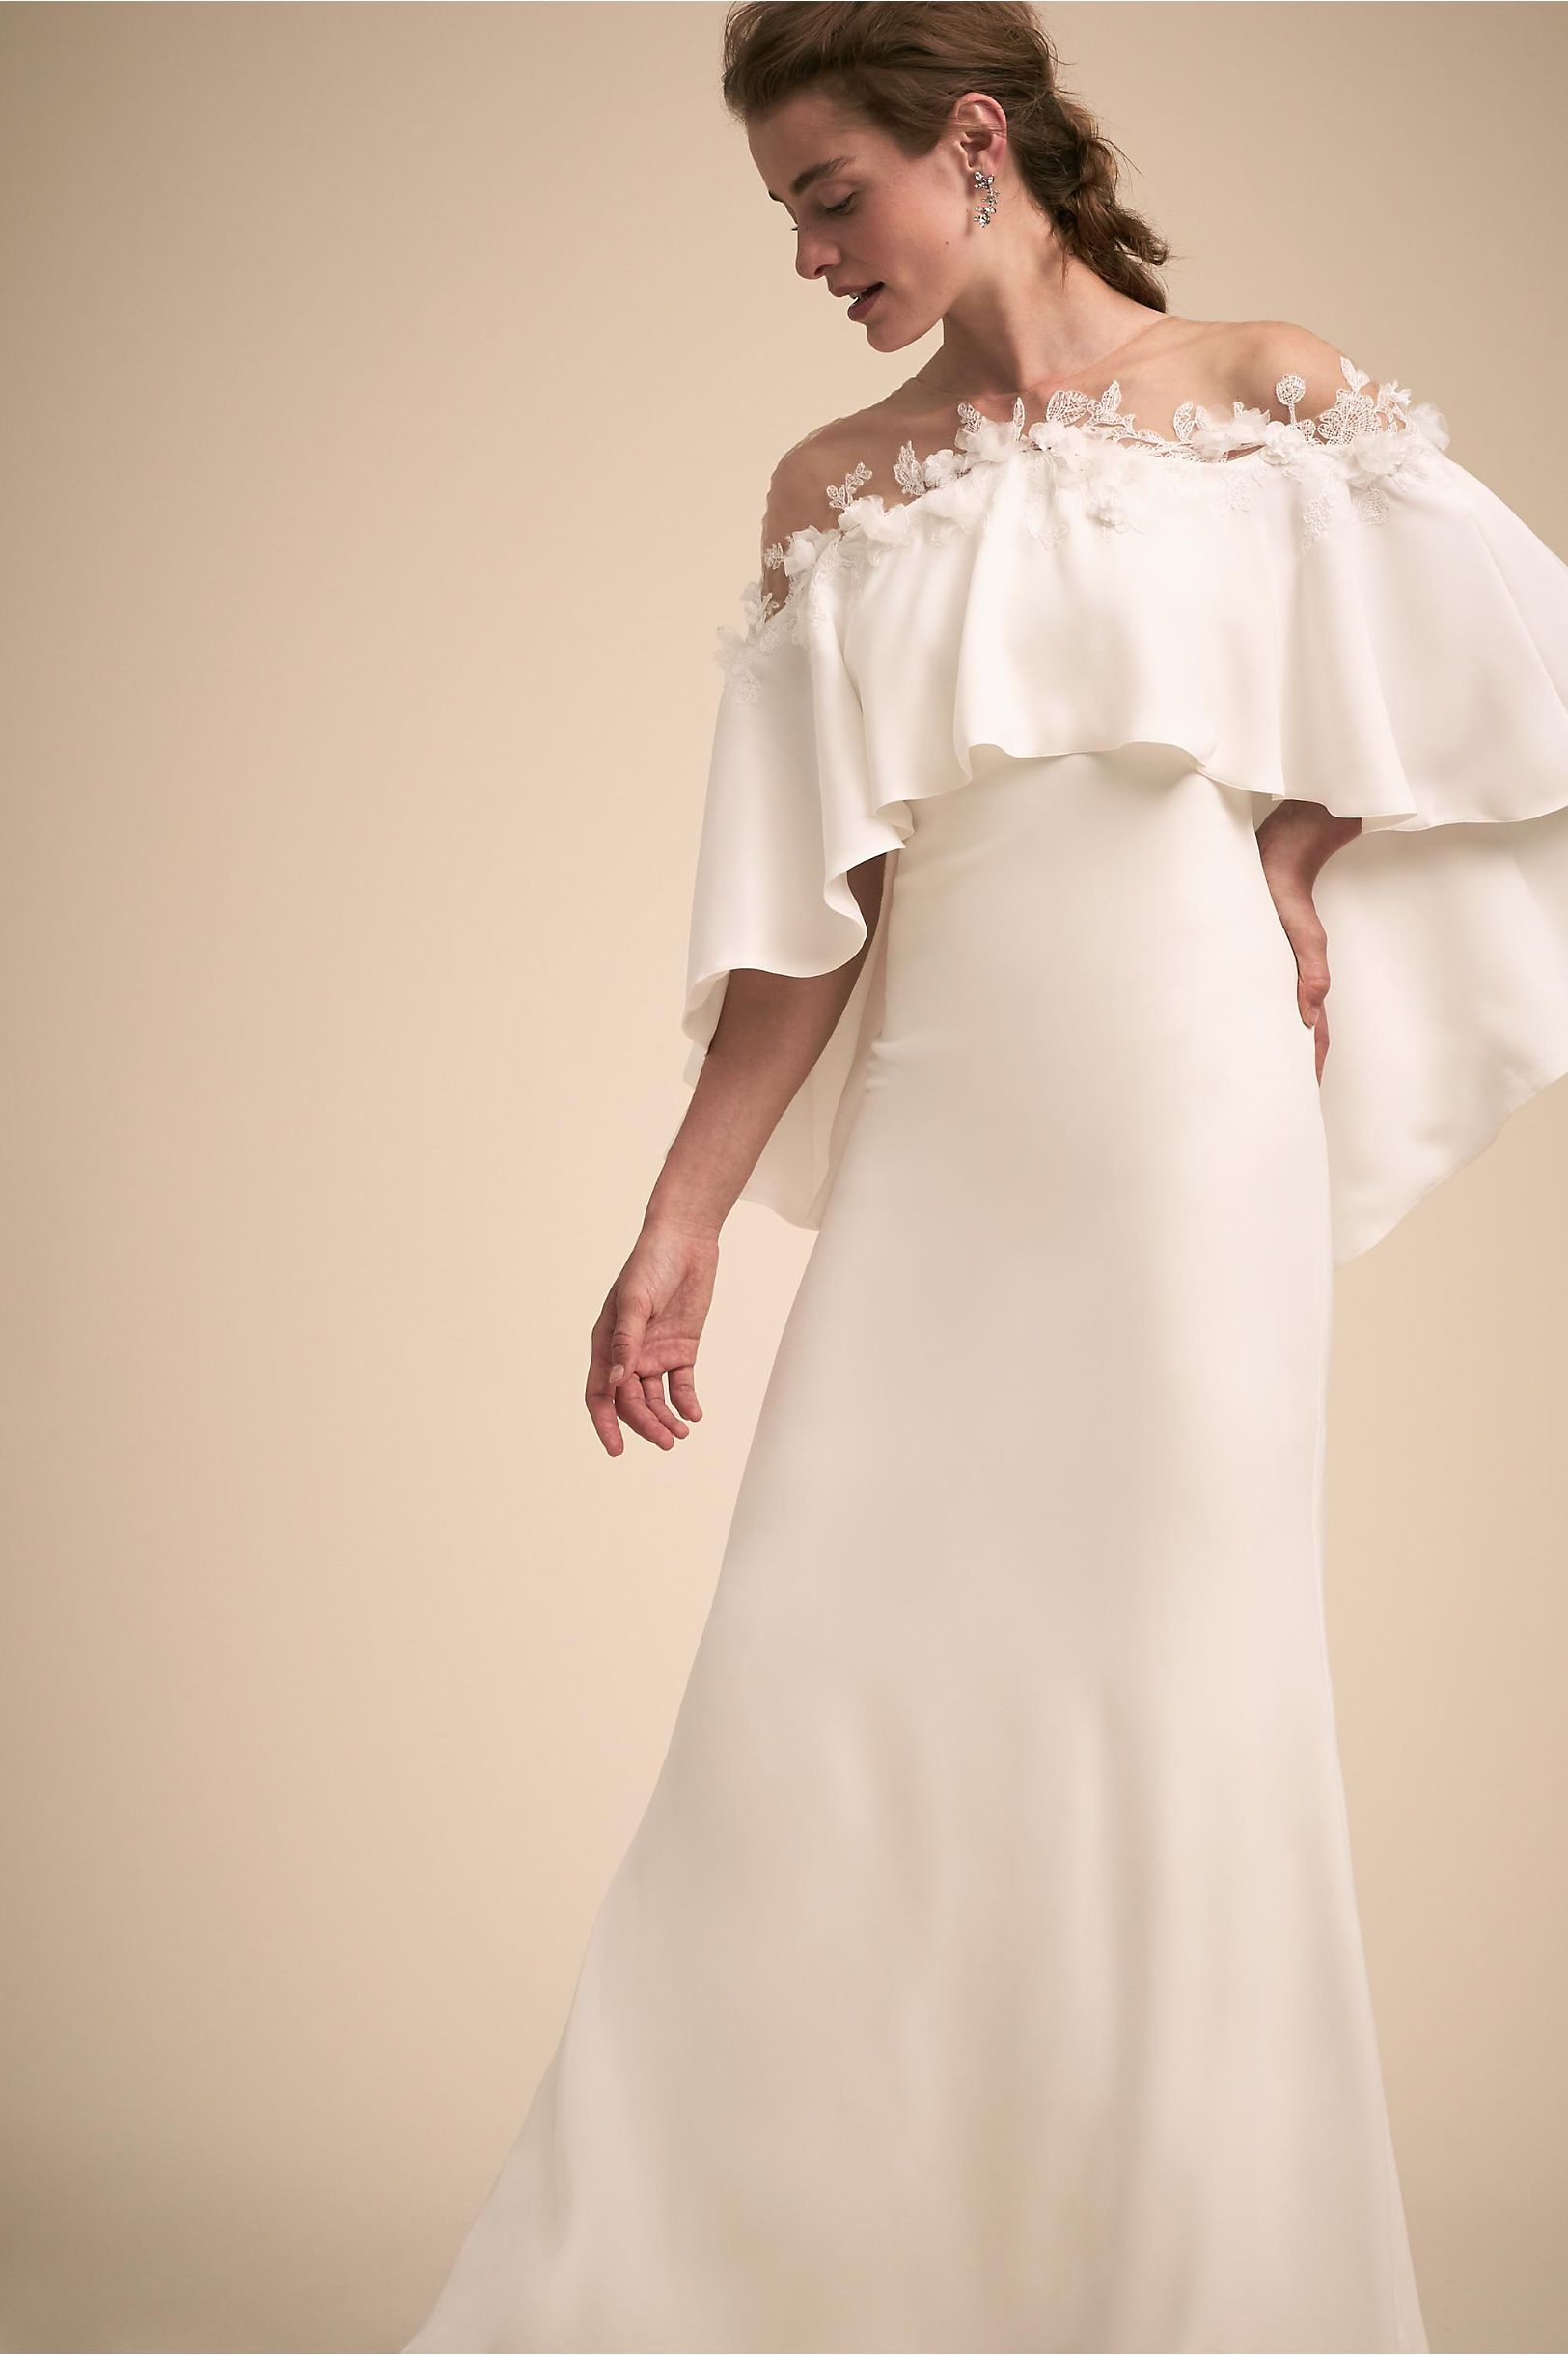 Capelet Athenia Wedding Dress TADASHI SHOJI